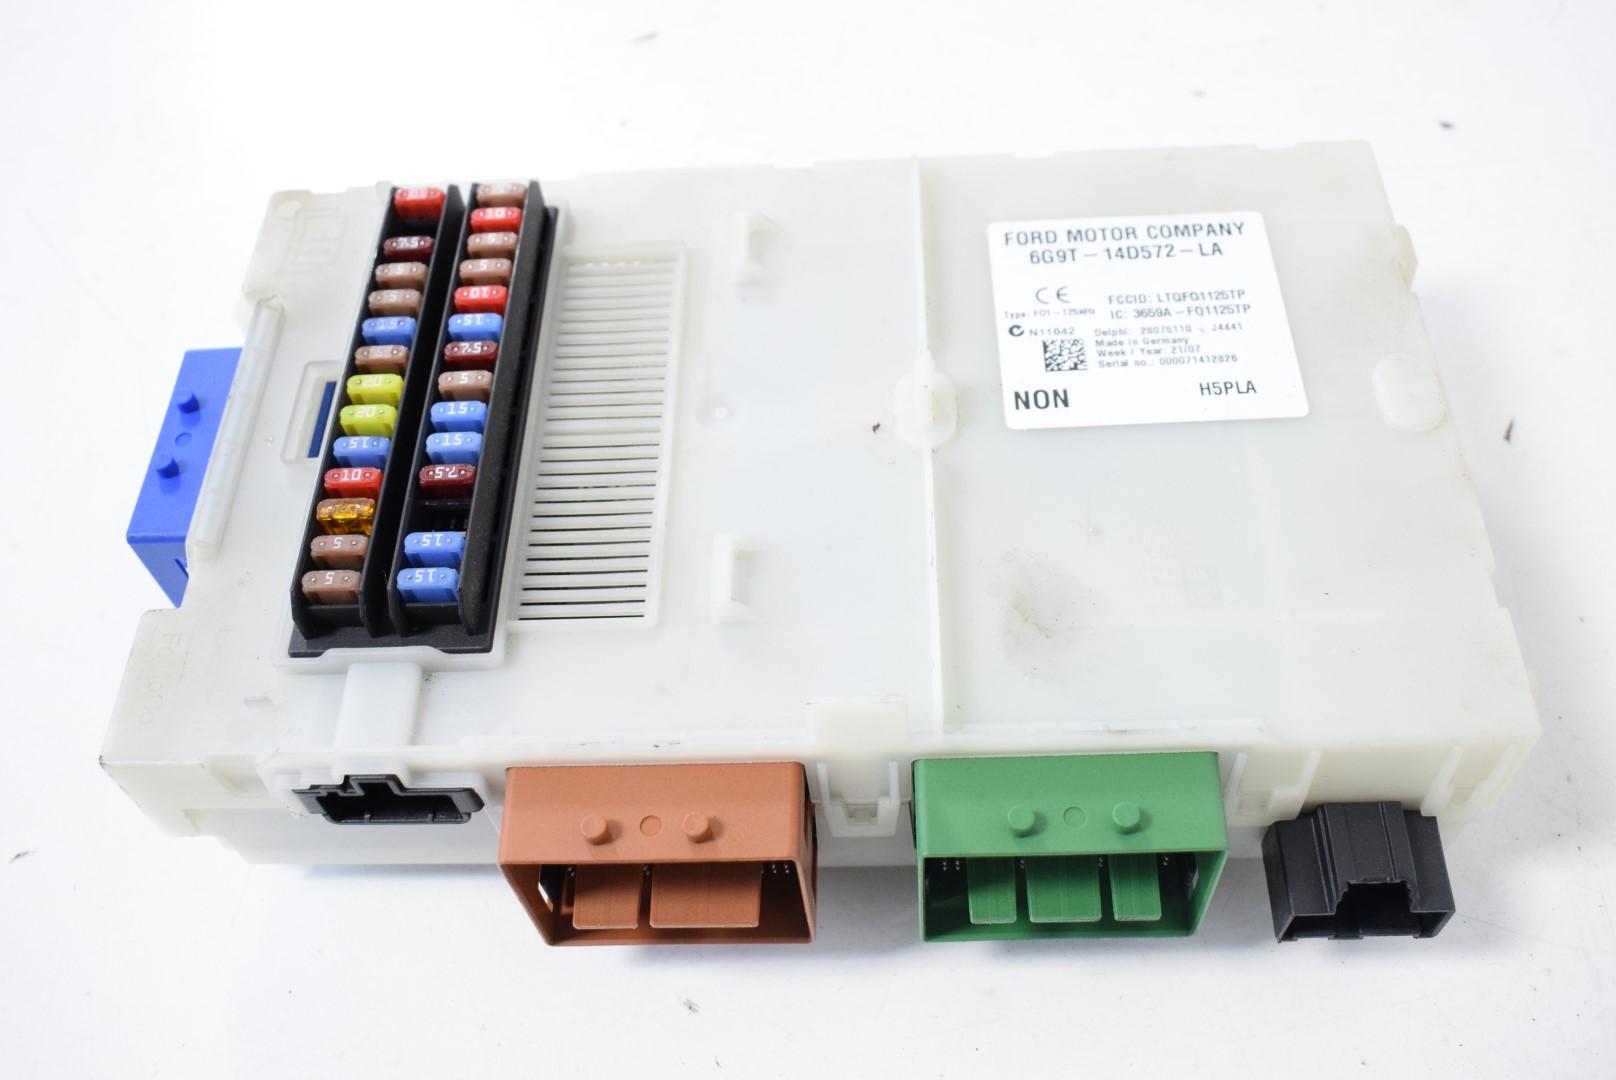 hight resolution of land rover freelander 2 2td4 2008 rhd interior fuse box 6g9t 14d572 la